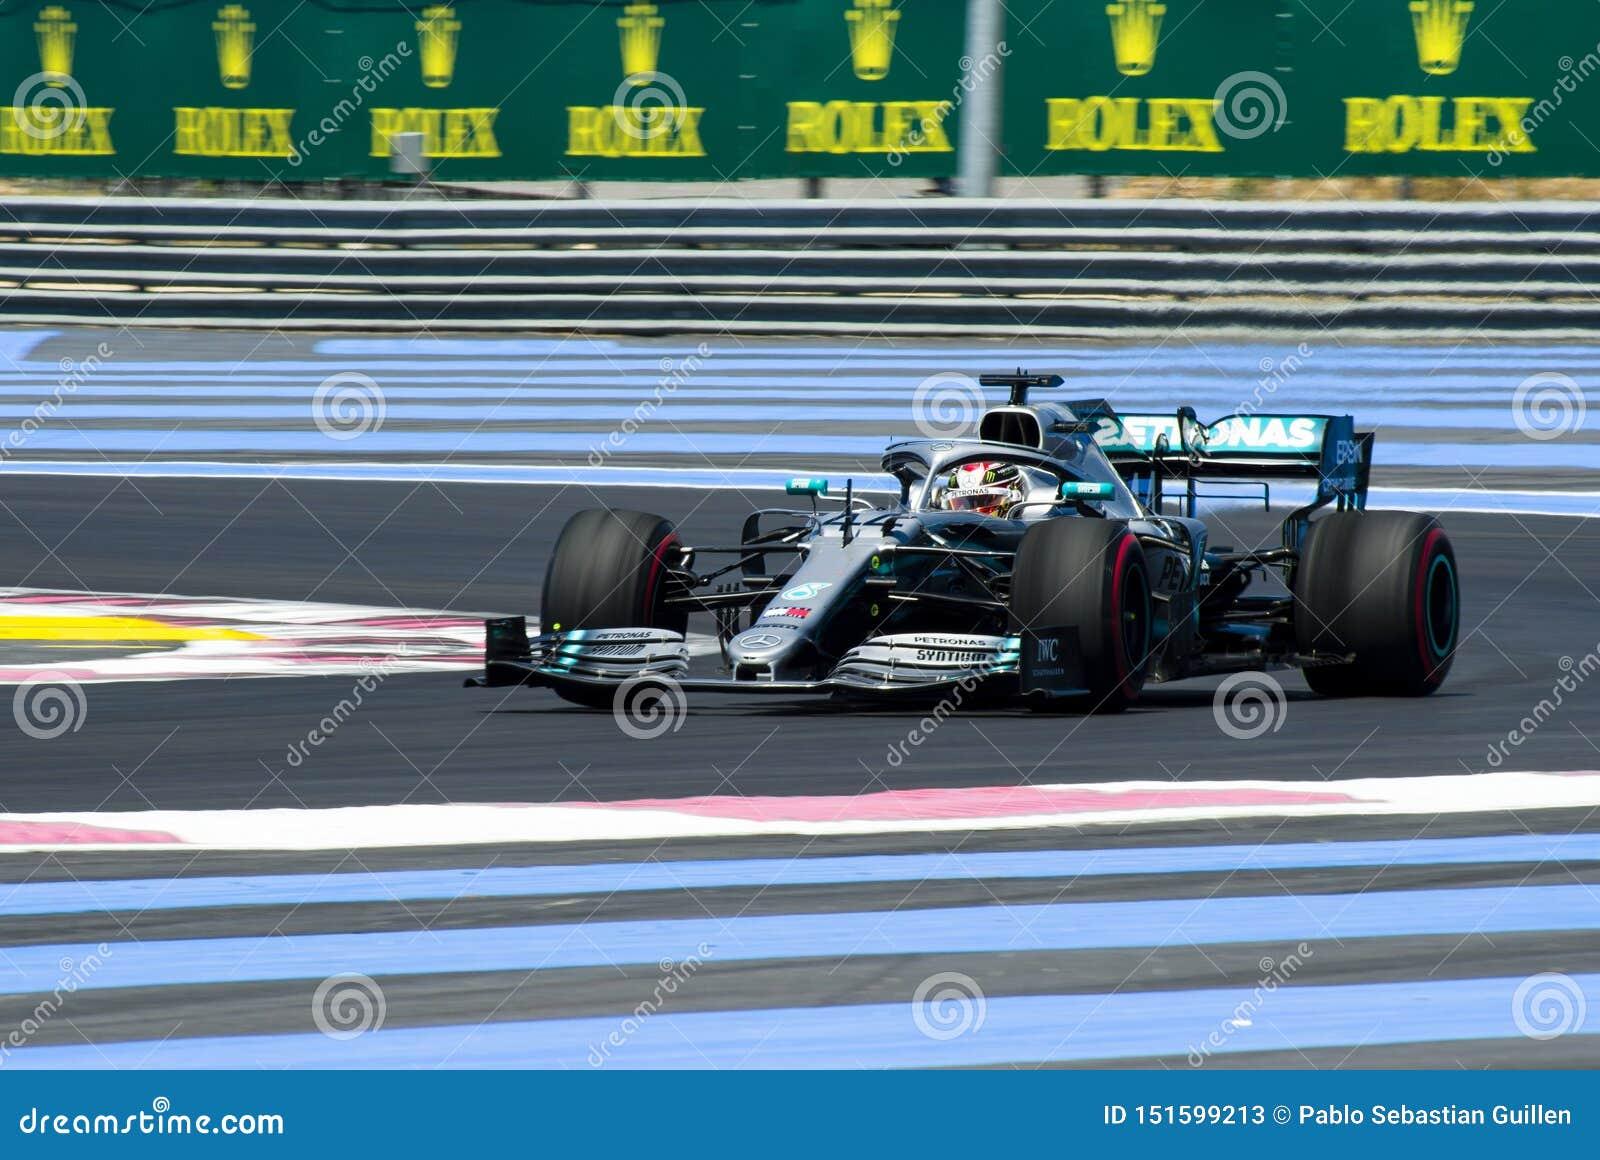 Formel 1-Franzosen Grand Prix 2019